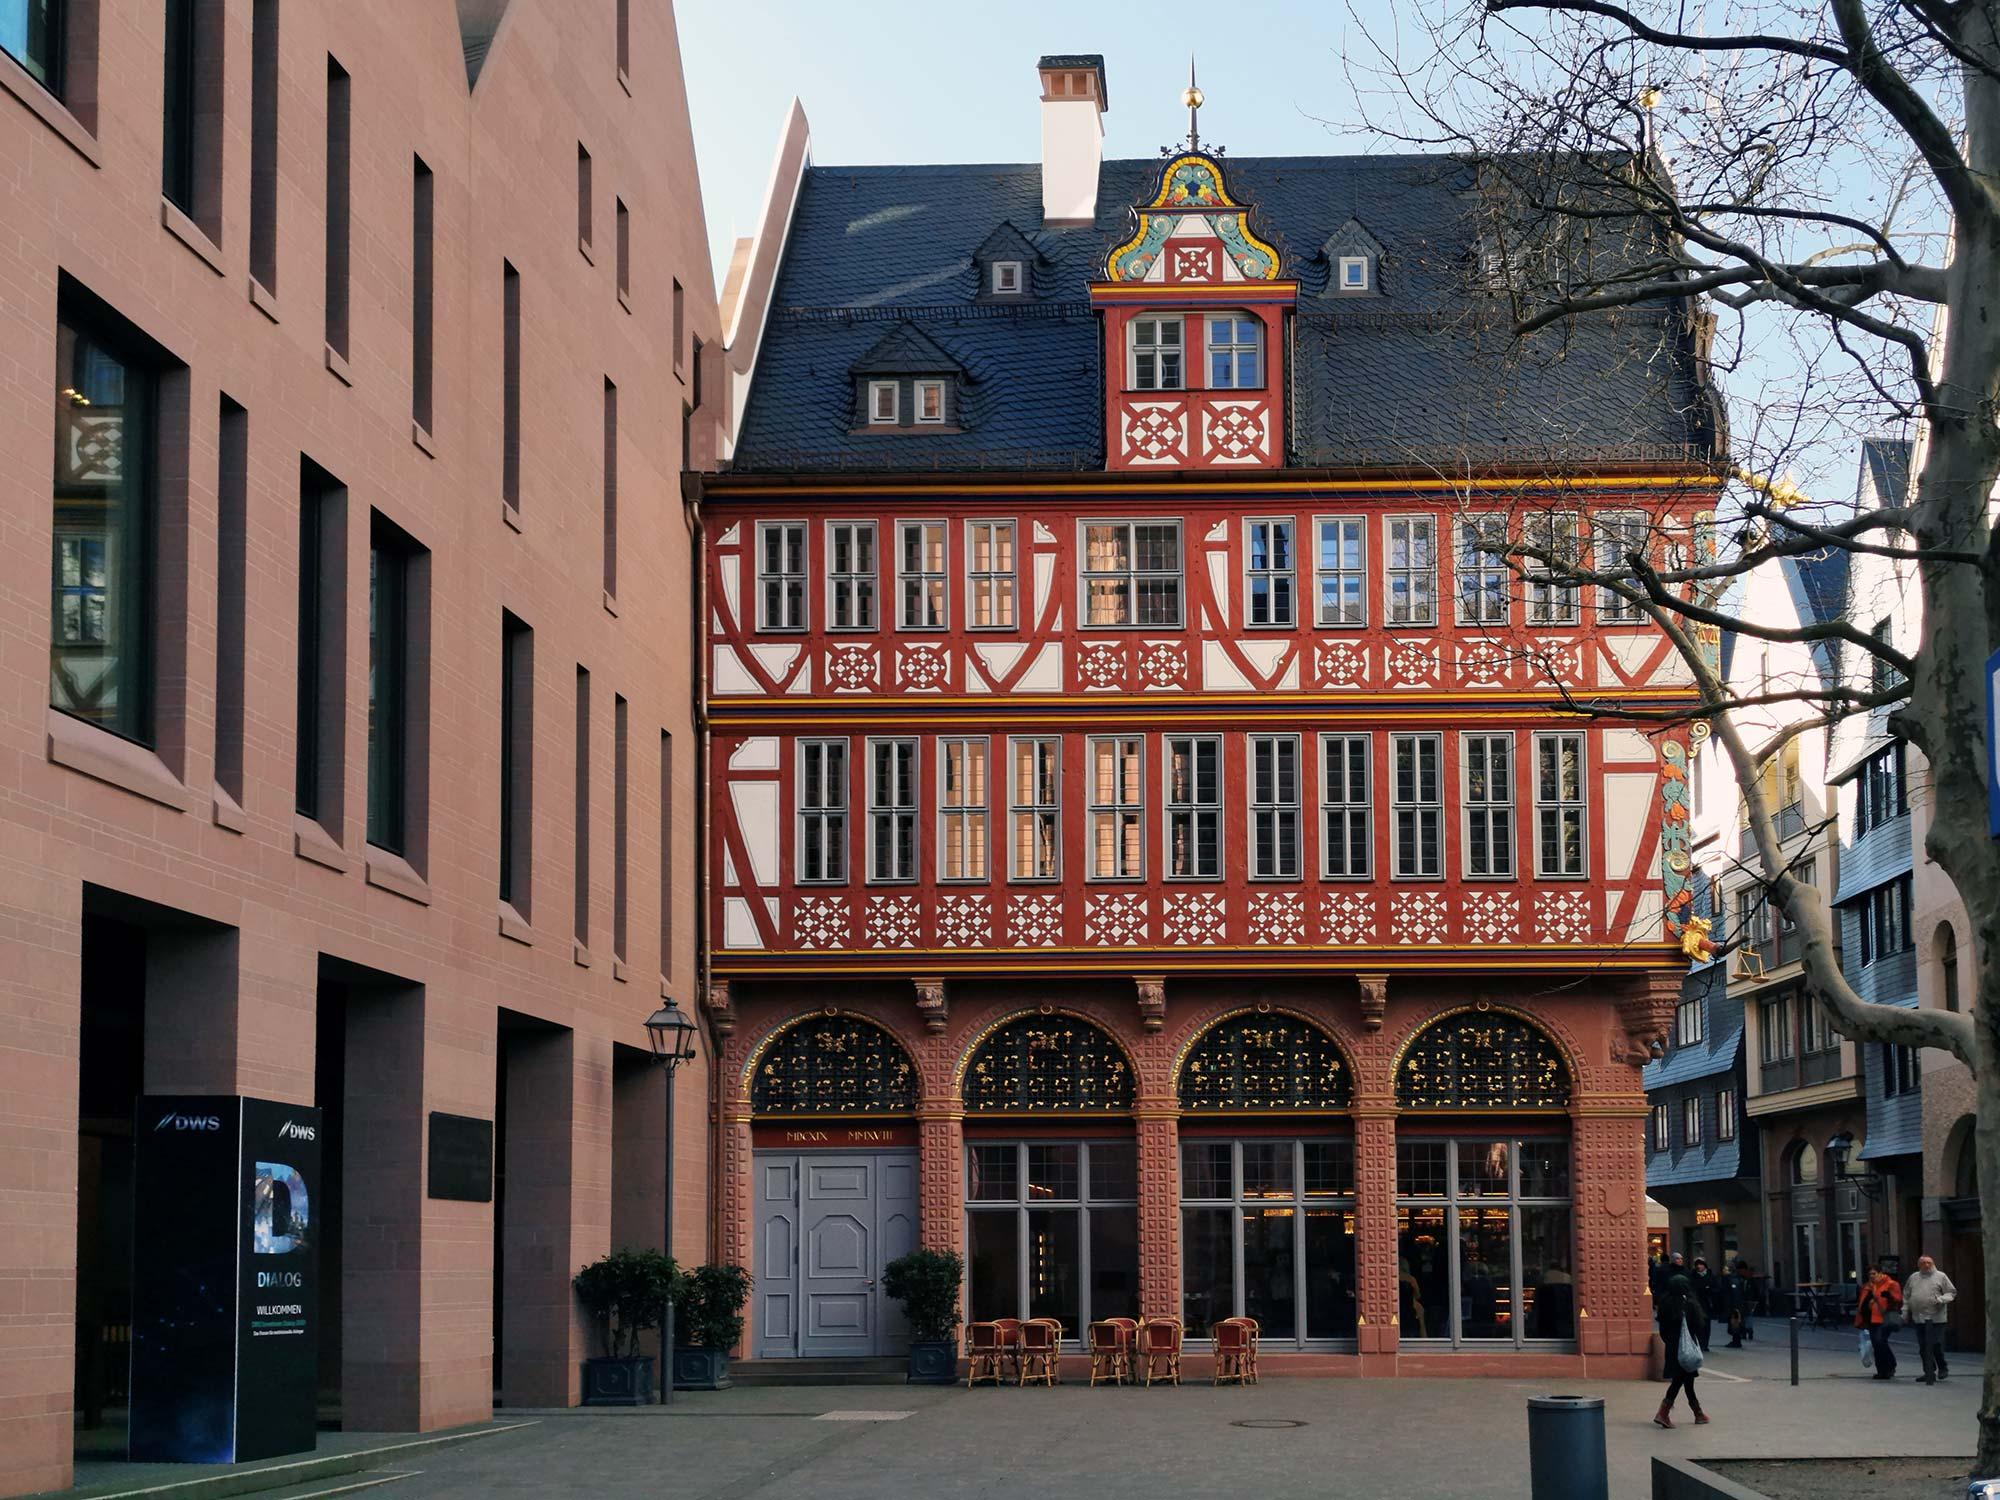 Goldene Waage Frankfurt - Haus zur Goldenen Waage in Frankfurt am Main - Neue Altstadt